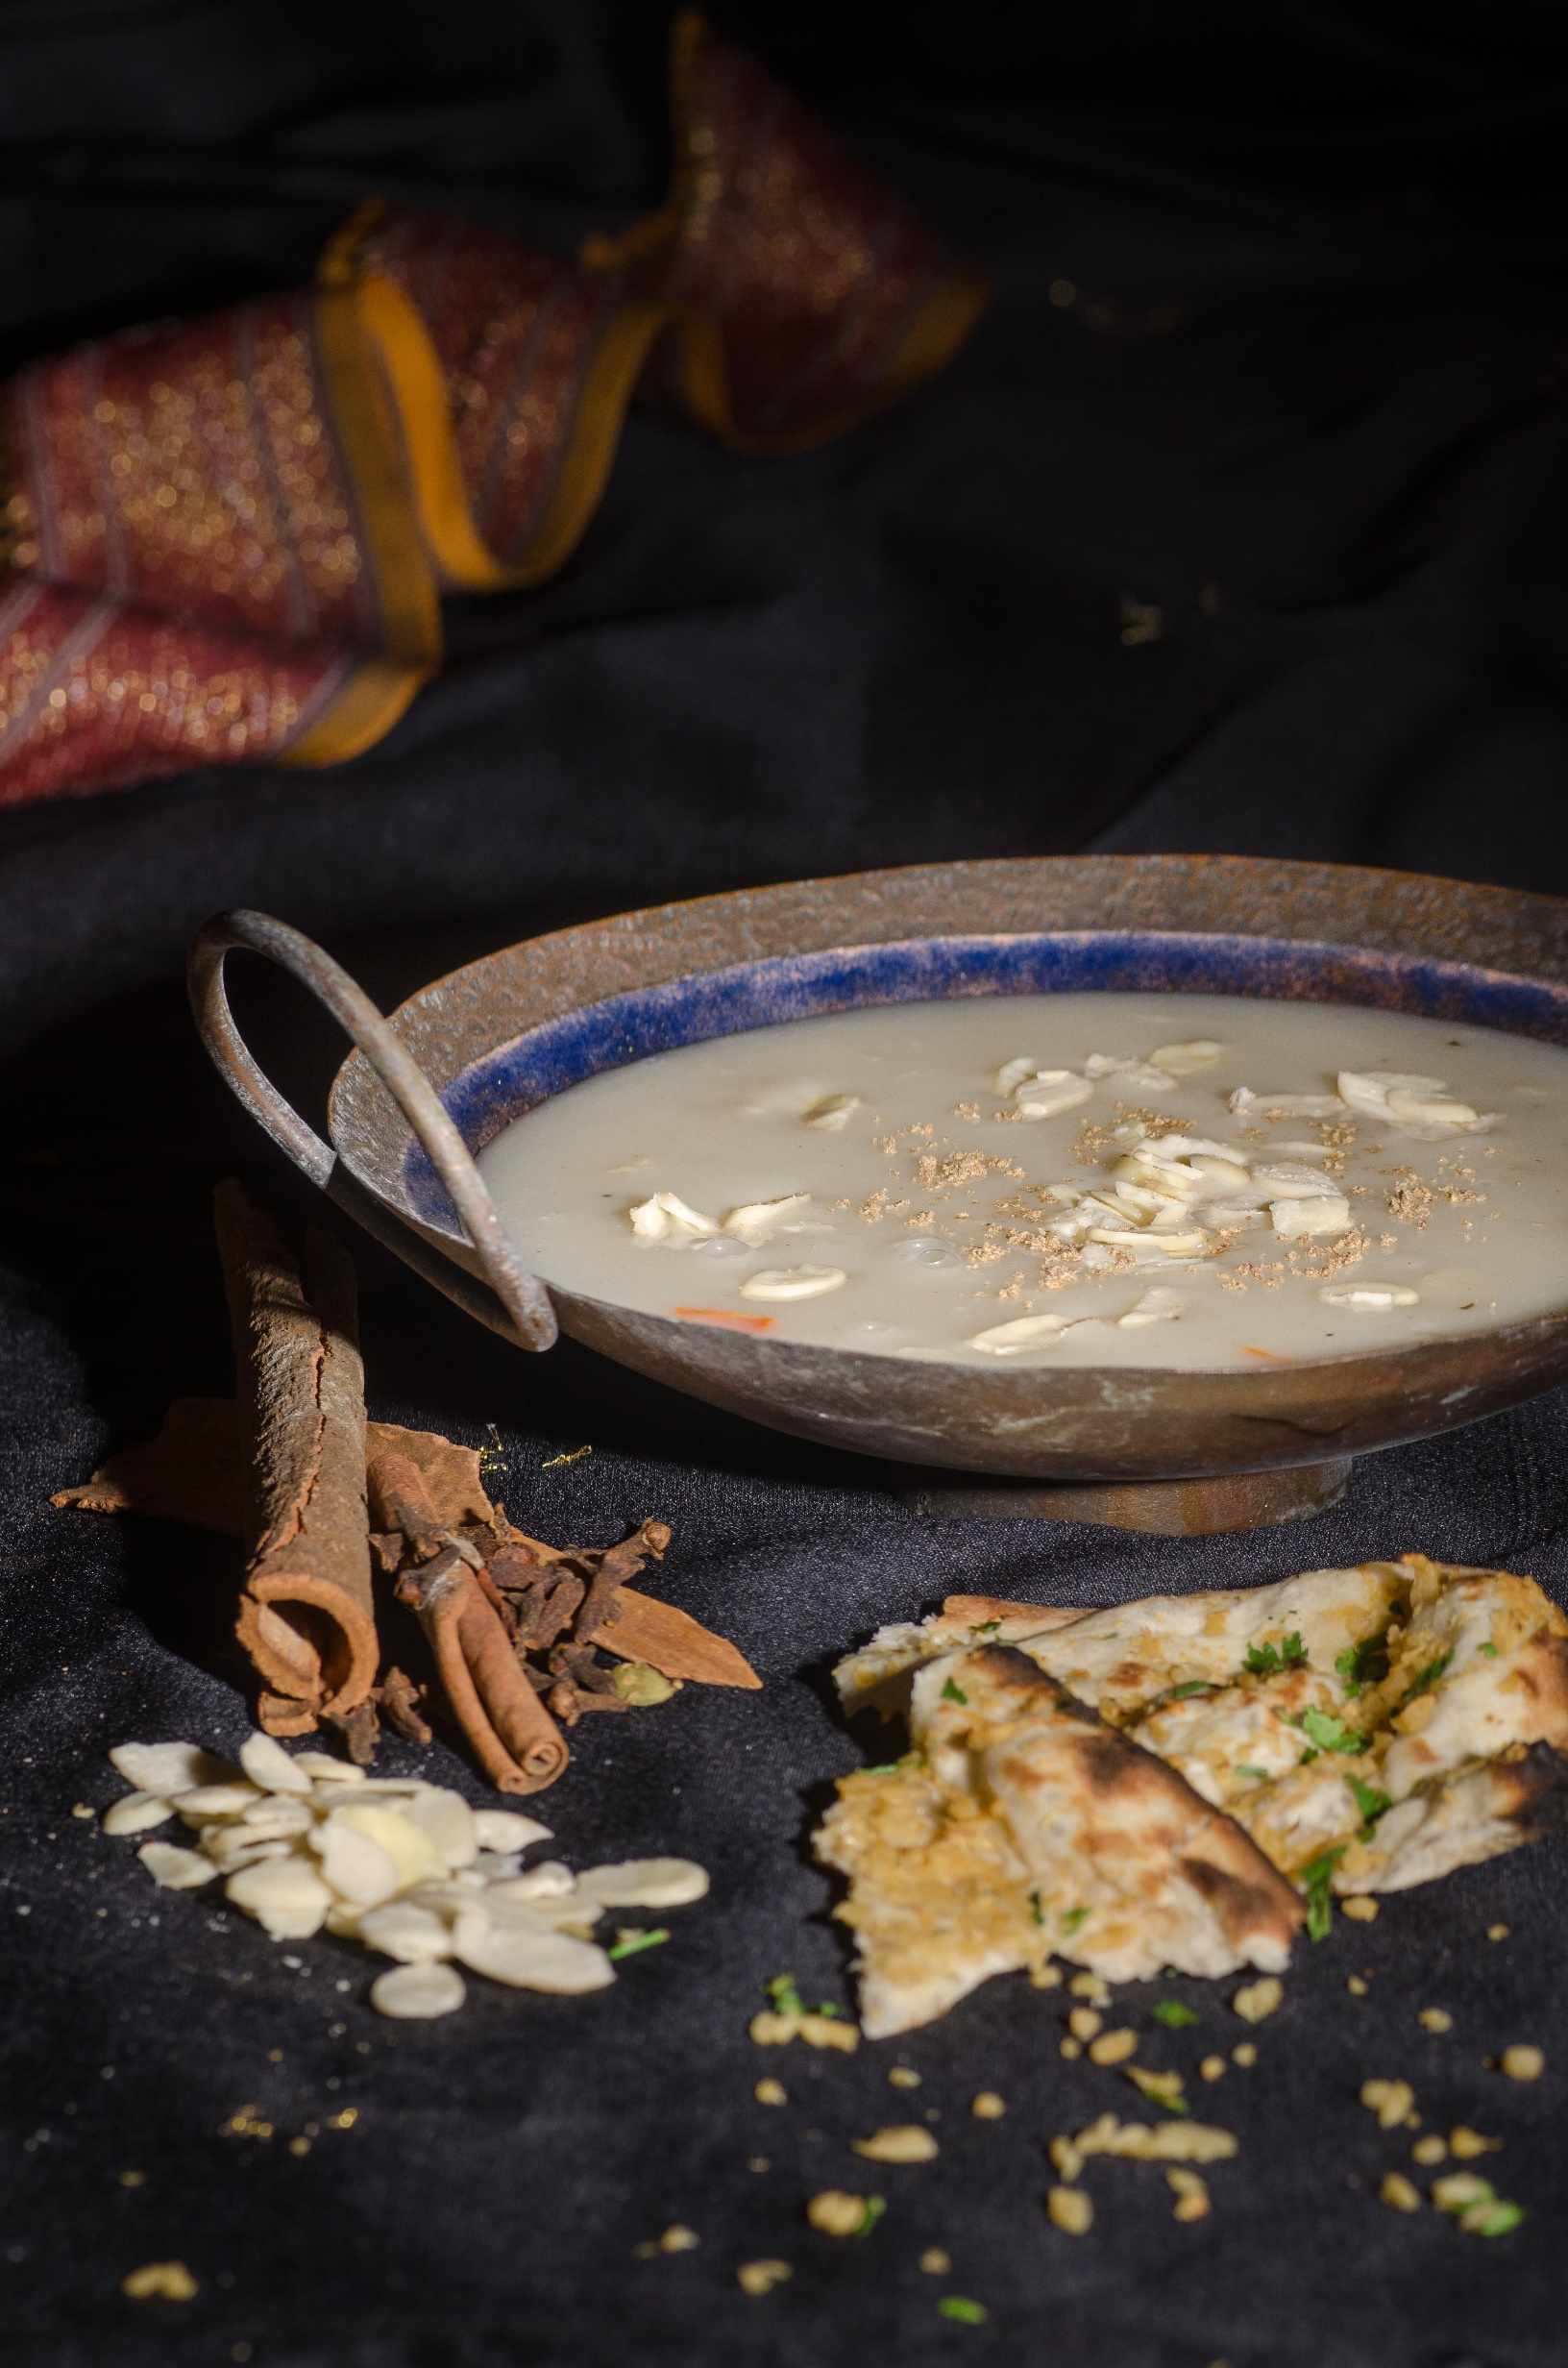 מרק שקדים של מסעדת טנדורי (צילום: יפית בשבקין)